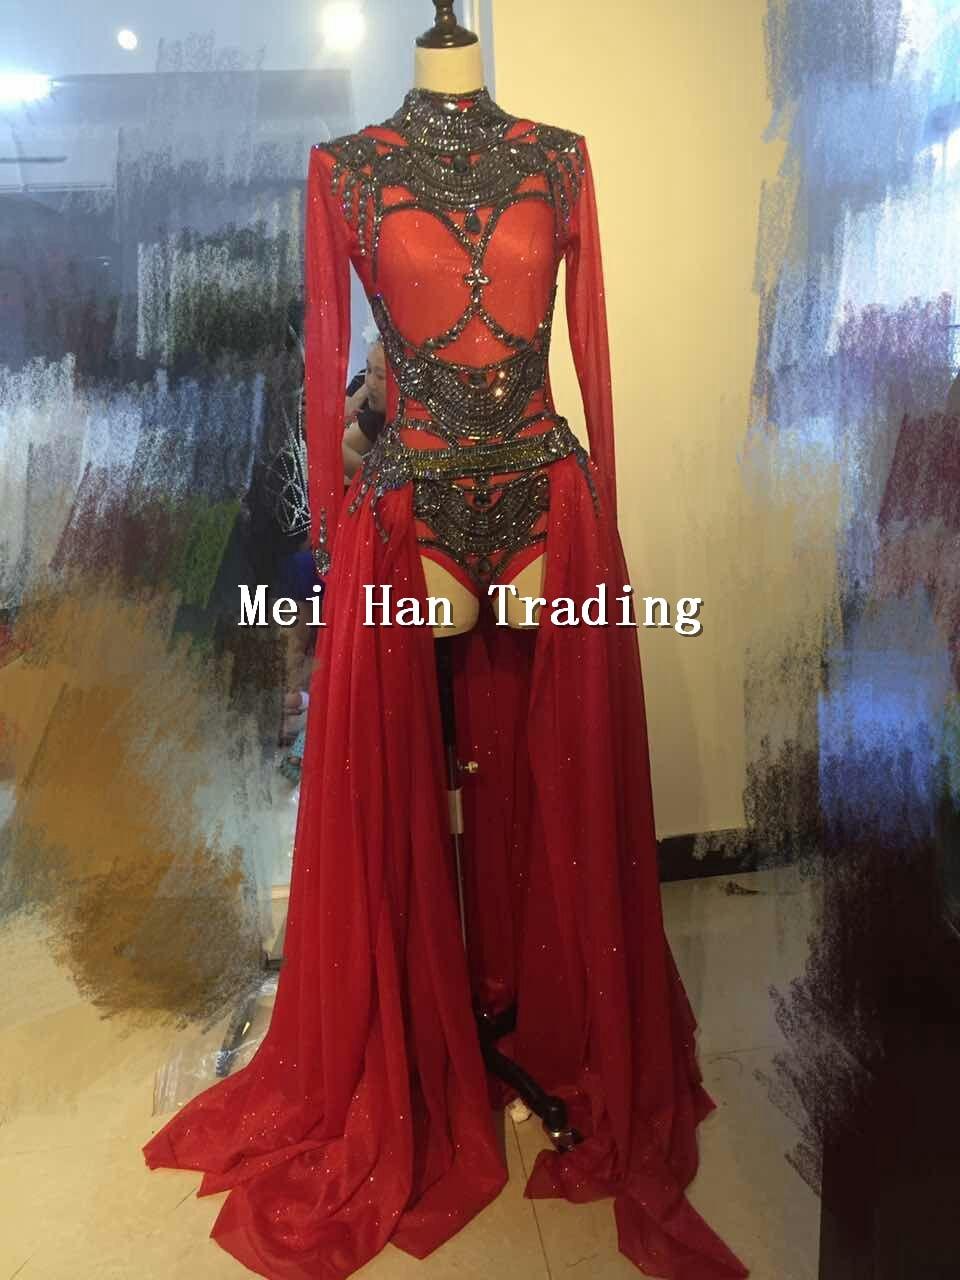 Fête Vêtements Brillant Spectacle Longue Costume Femelle Jupe Usure Halloween Stade Body Rouge De Strass Outfit Chanteur Ensemble WPUTnAX47x